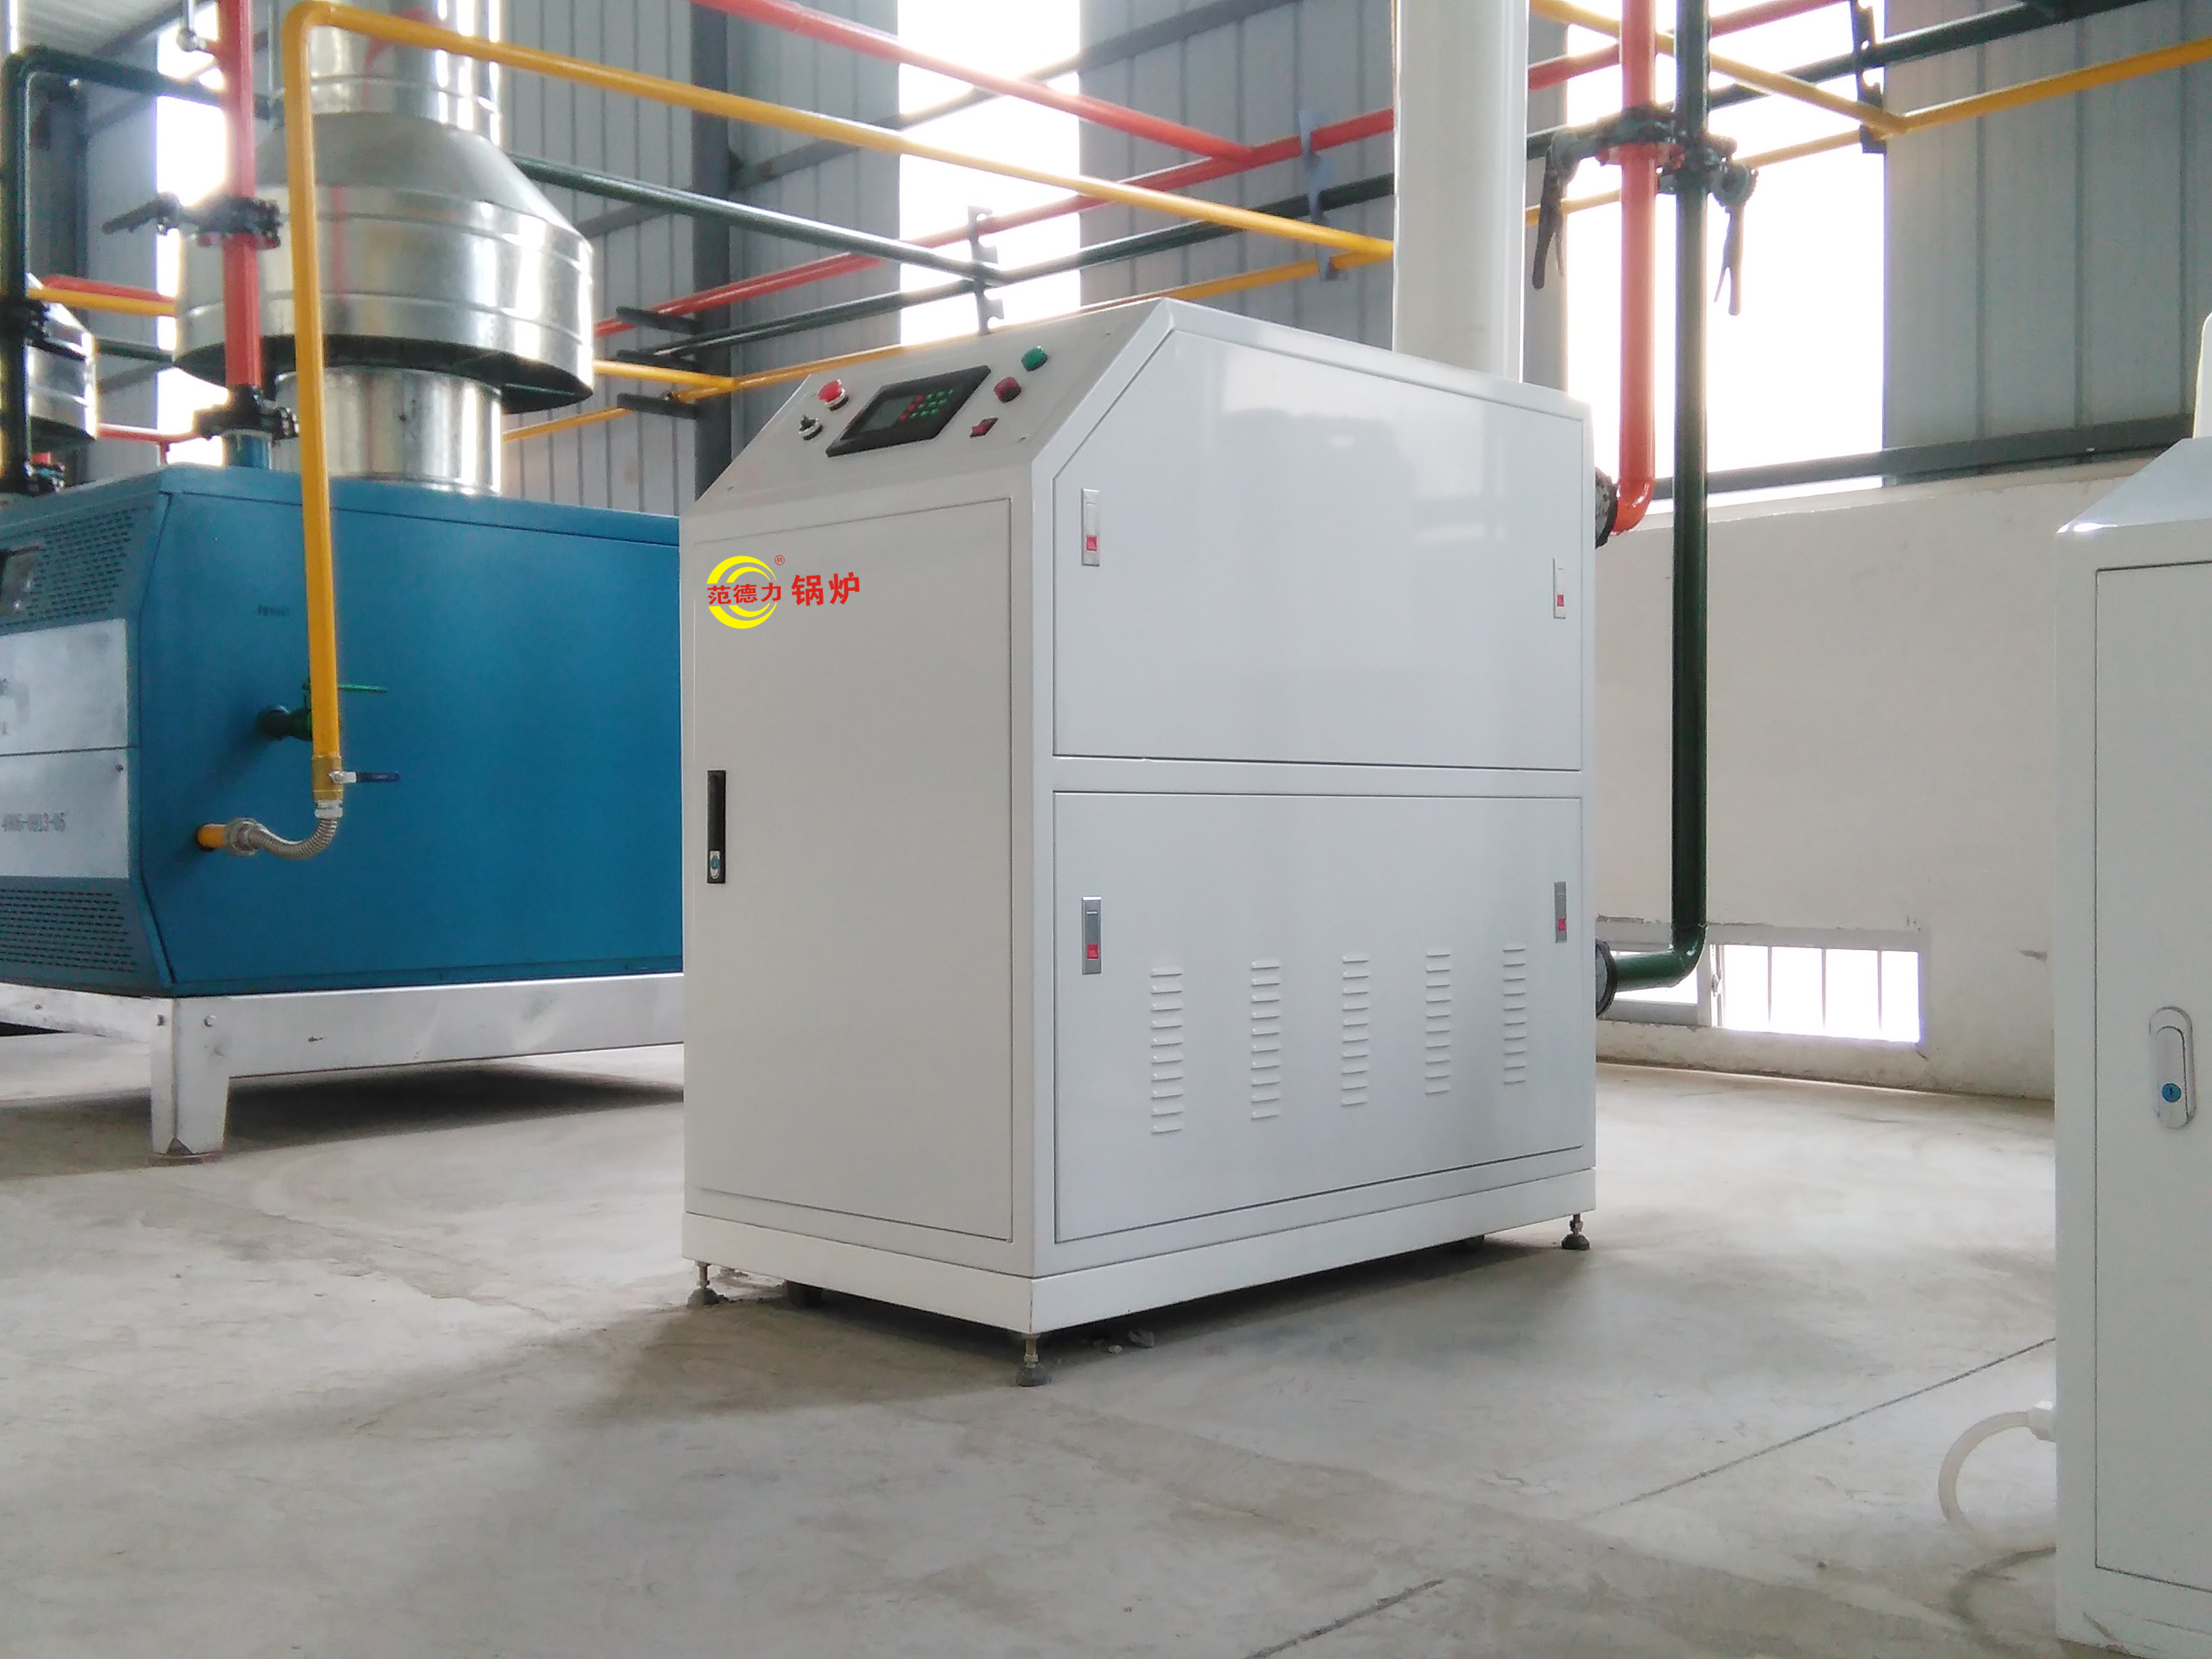 燃气全预混冷凝低氮模块锅炉燃烧排放